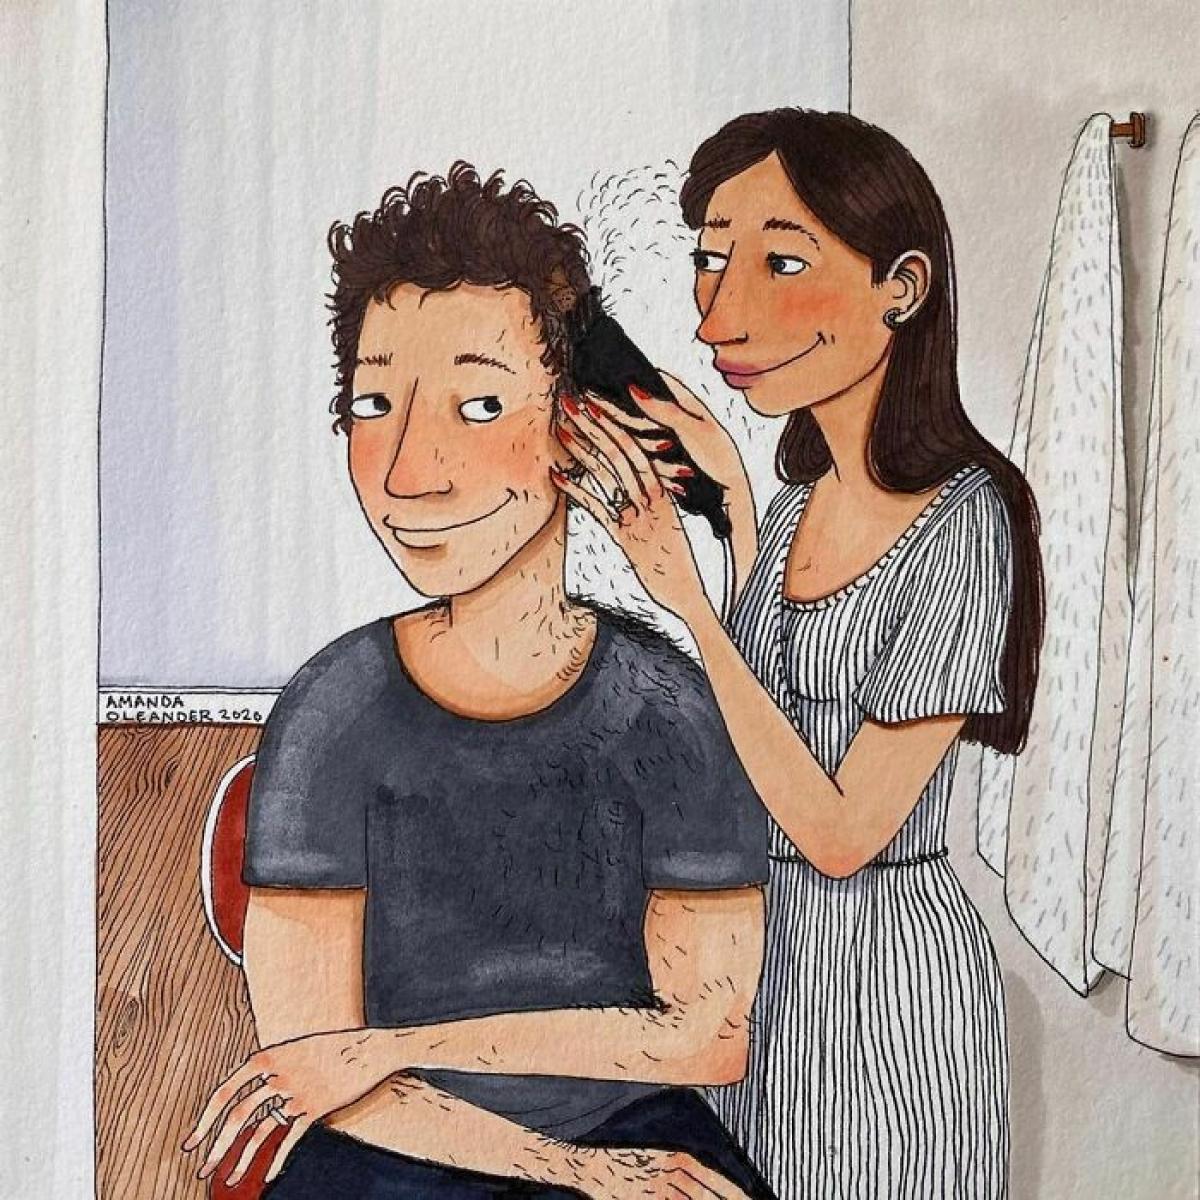 Hớt tóc cho chàng? Tại sao không?./.